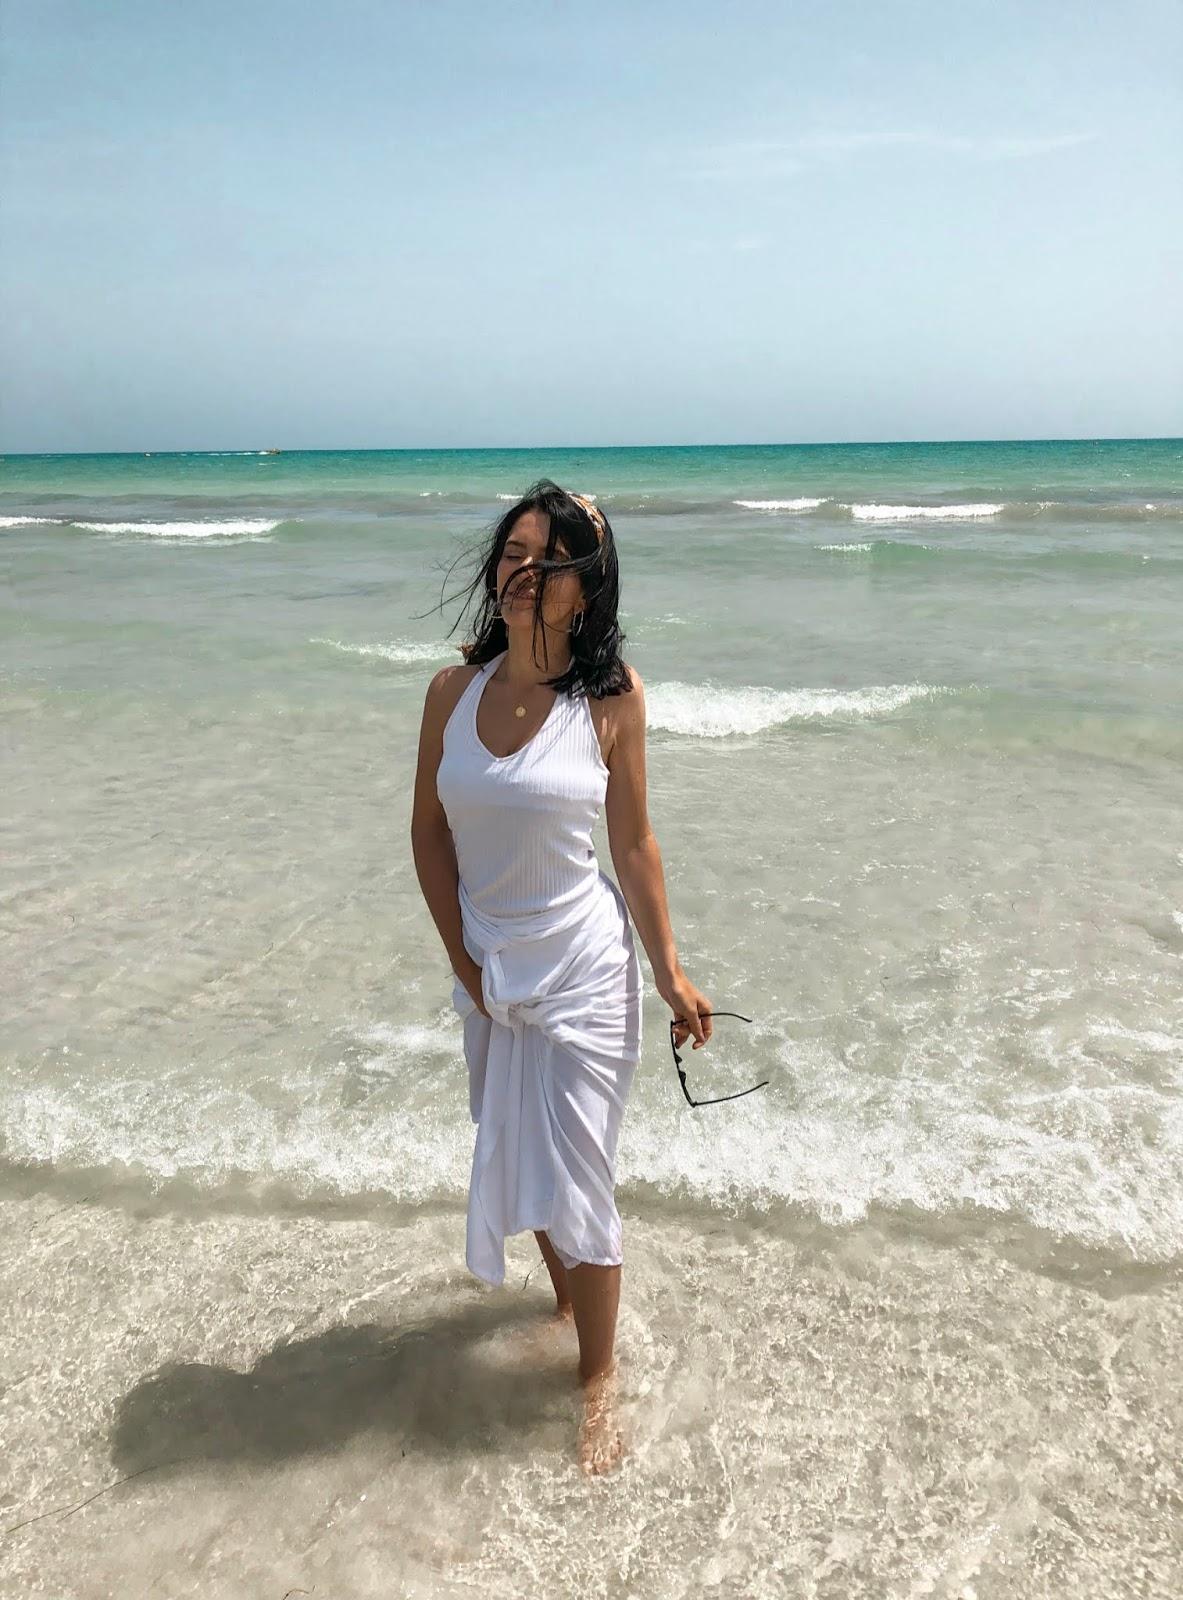 djerba wyspa, egzotyczna wyspa, plaże na djerbie, plaże w tunezji, wakacje na djerbie, wakacje tunezja, wyspa dżerba,